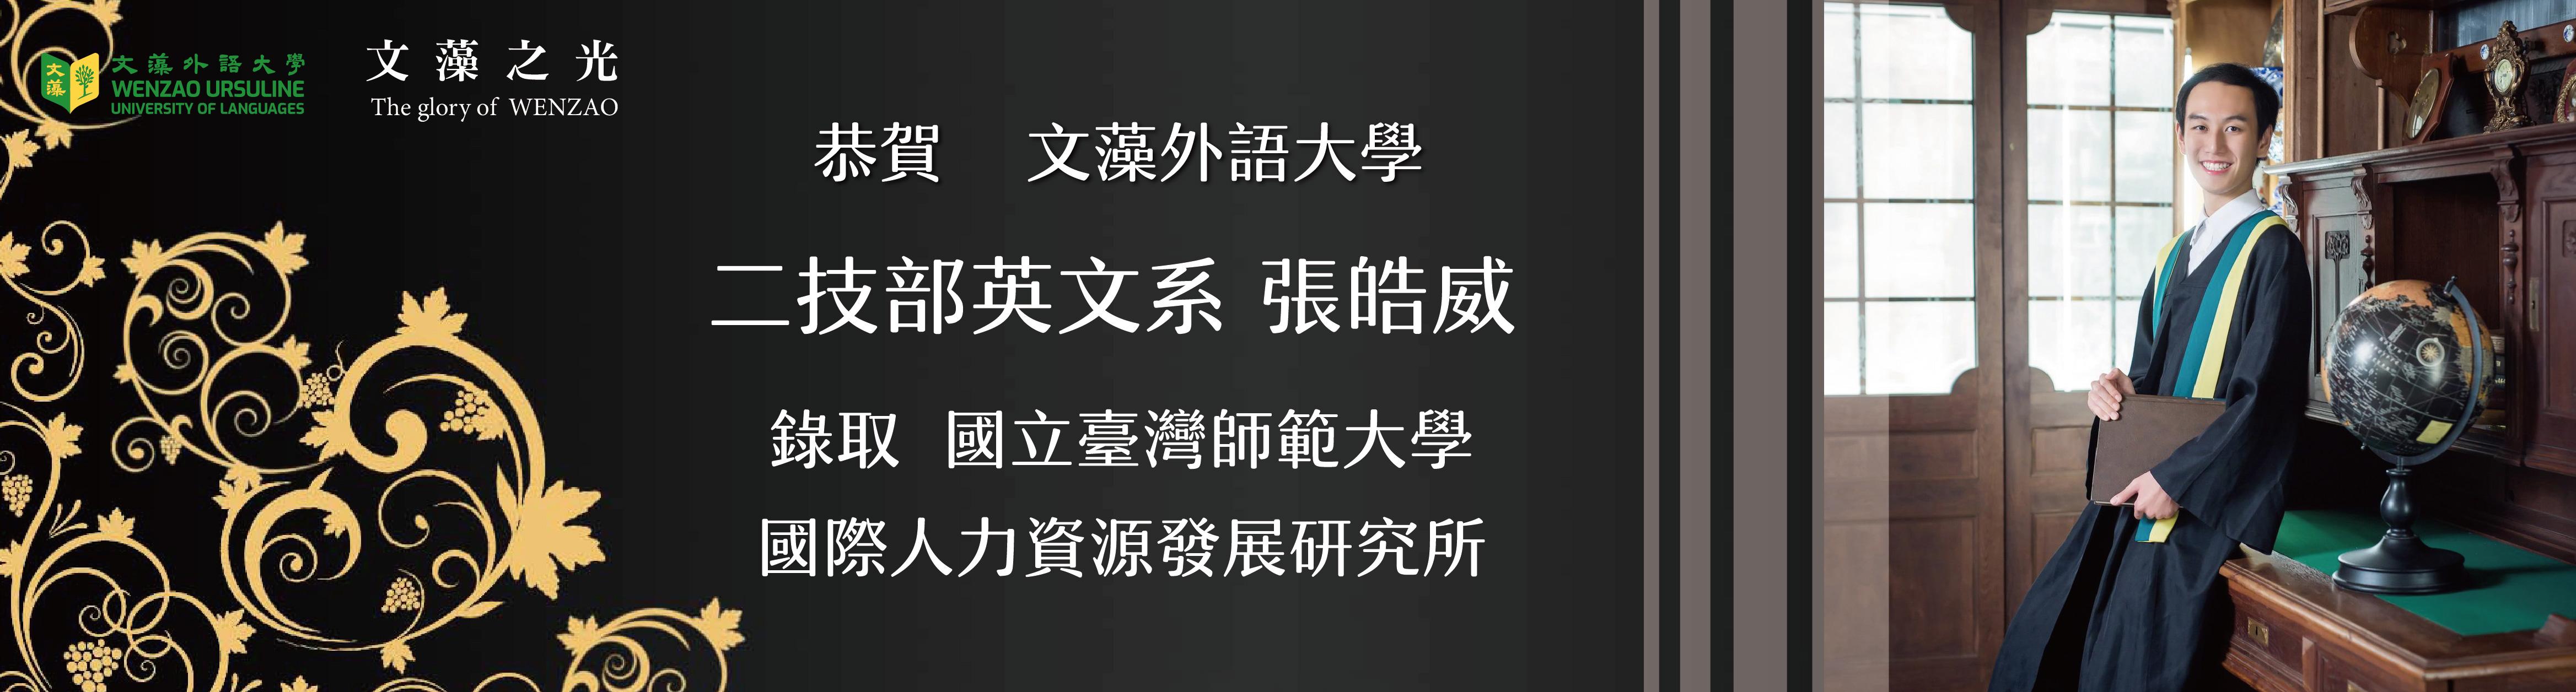 文藻之光 - 台師大 - 人資所(另開新視窗)